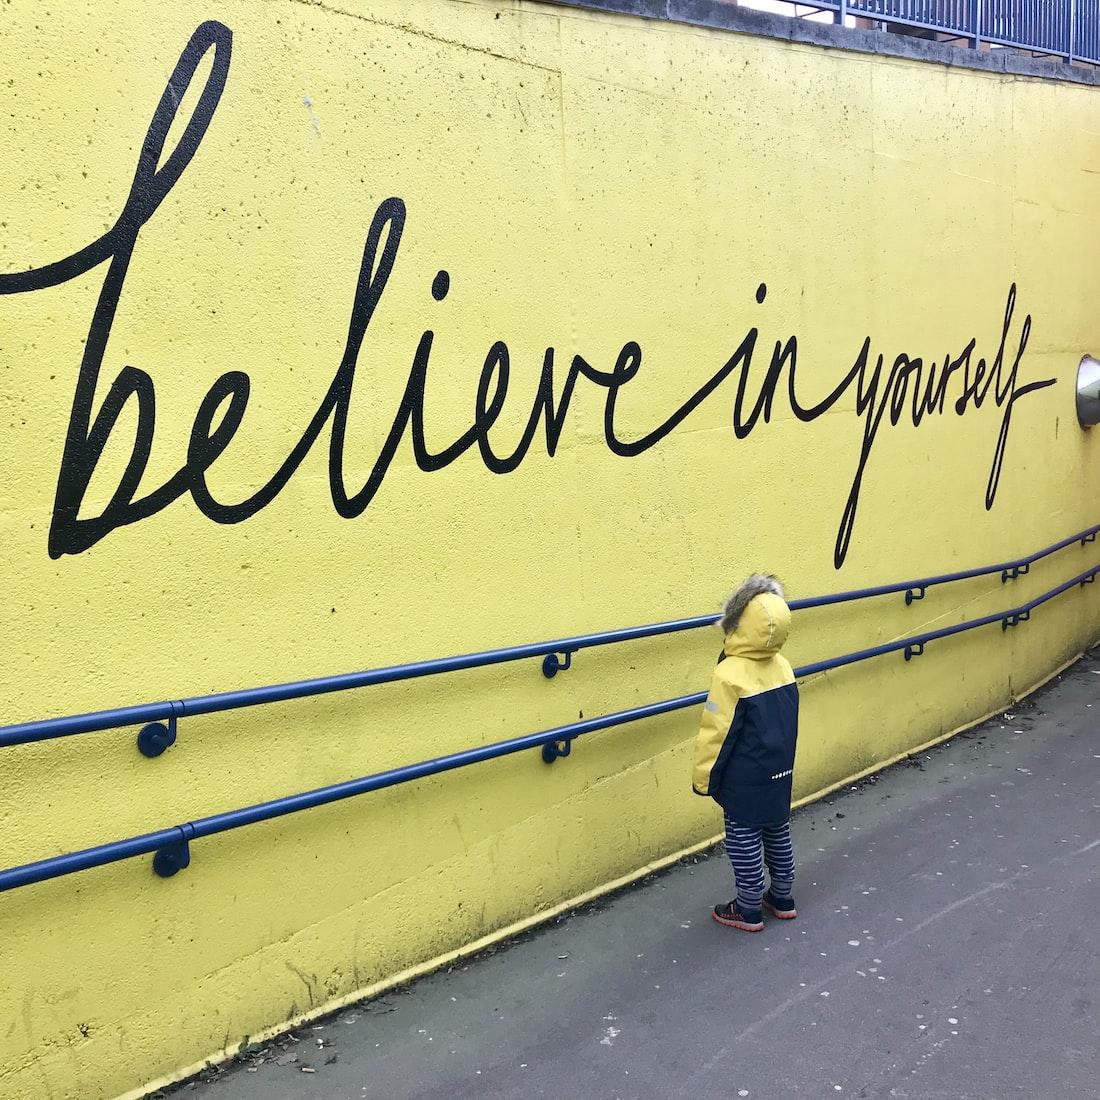 Believe in yourself written on wall